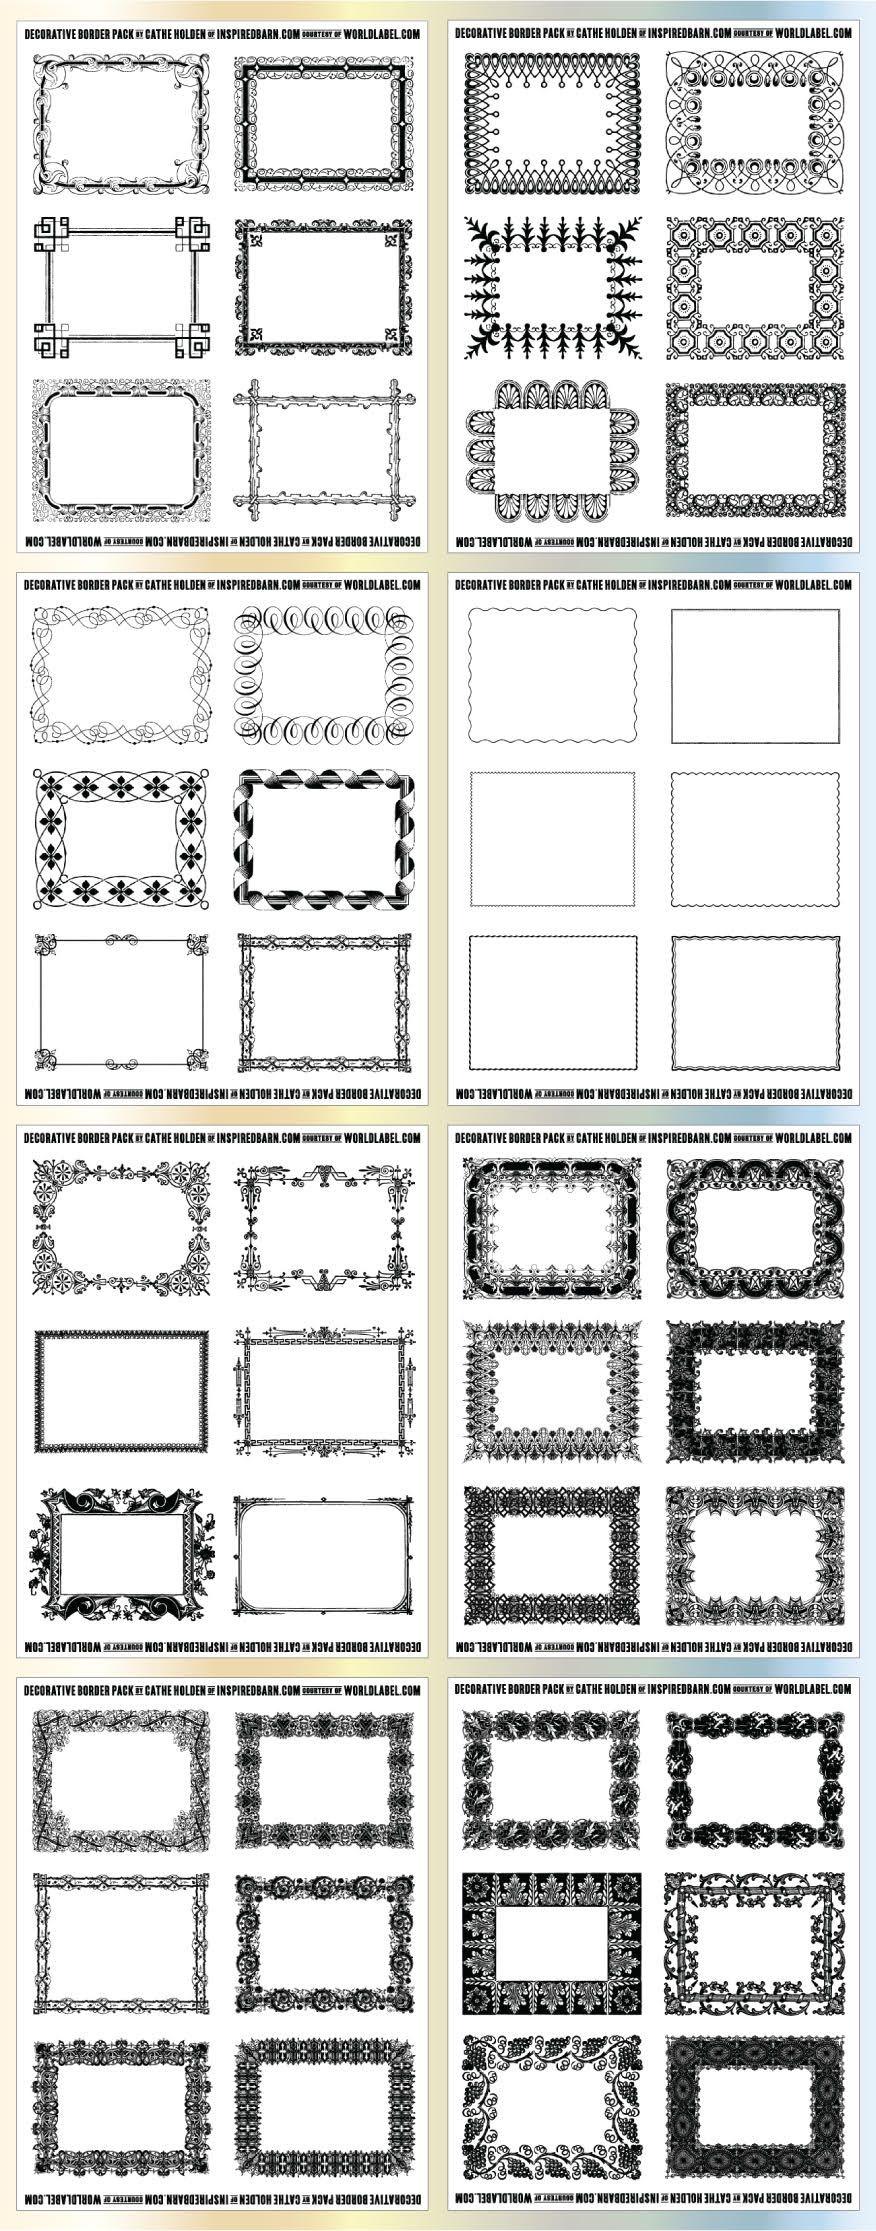 free printable labels & templates, label design @worldlabel